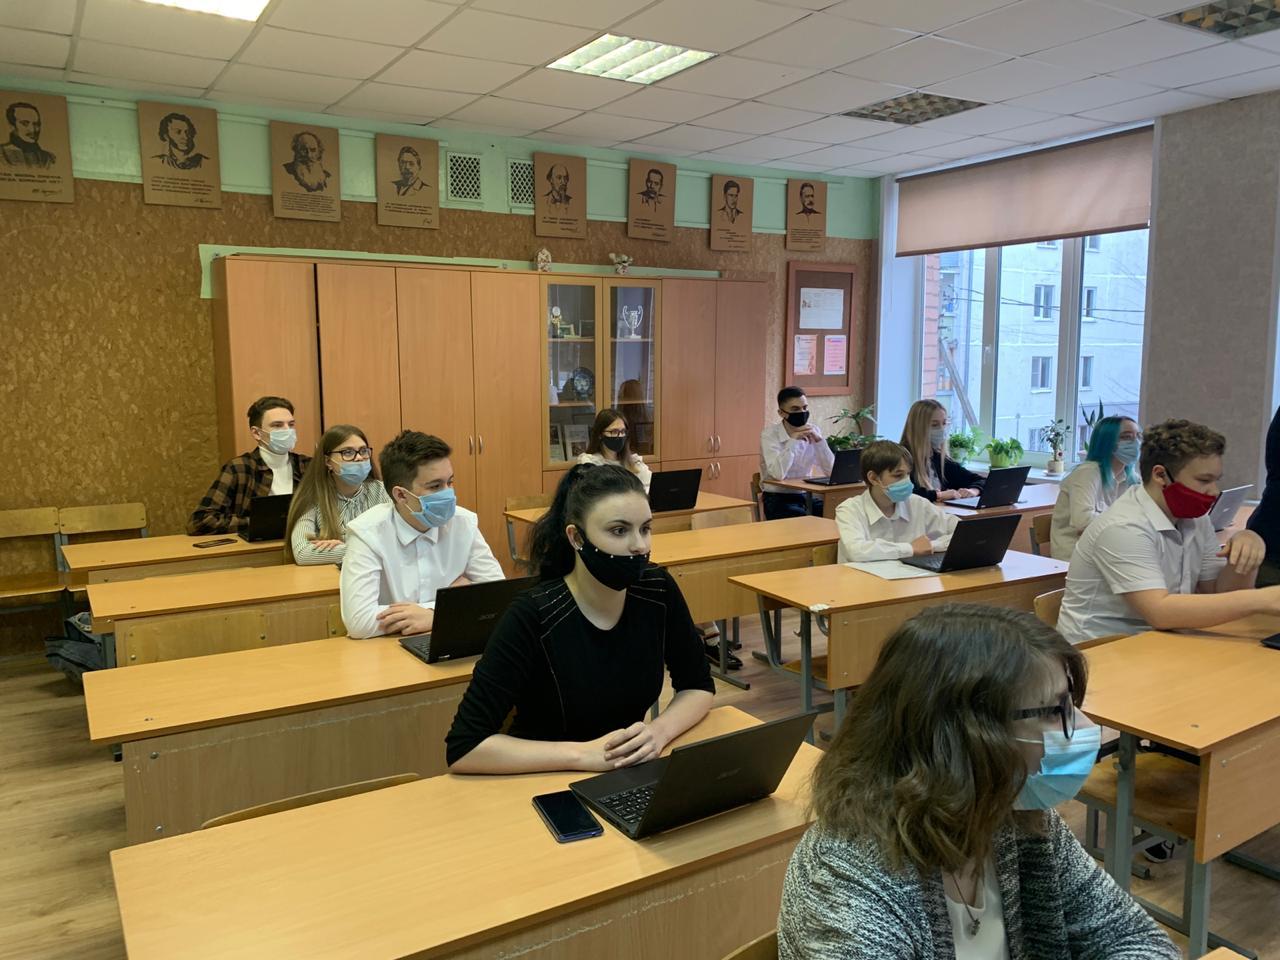 В ярославских маршрутках показывают ролики, которые учат людей грамотно писать и говорить